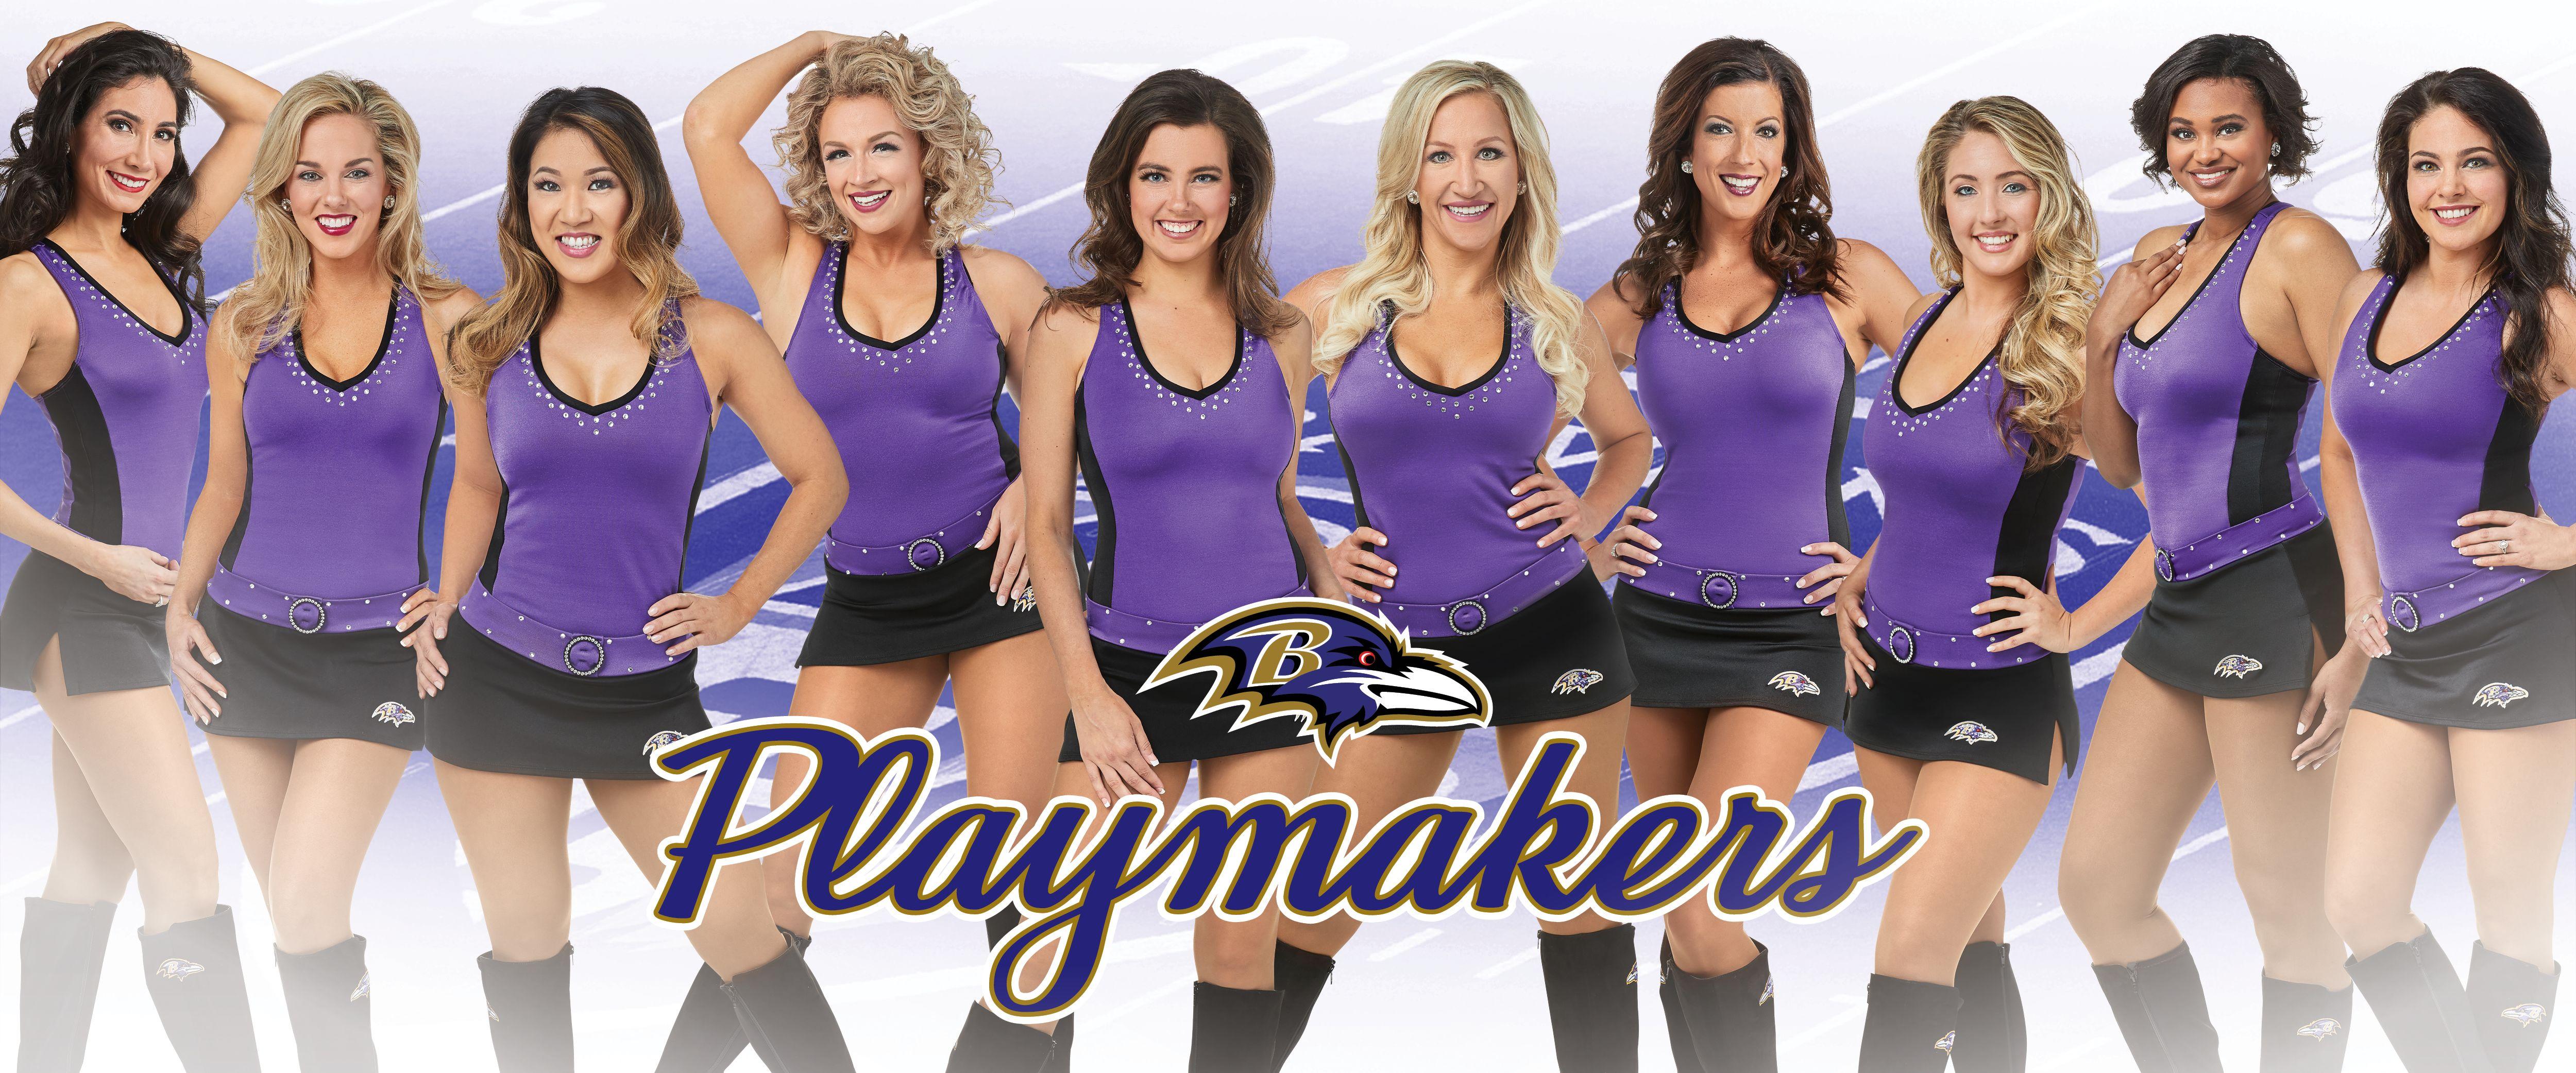 Playmaker_Website_header3 (1)